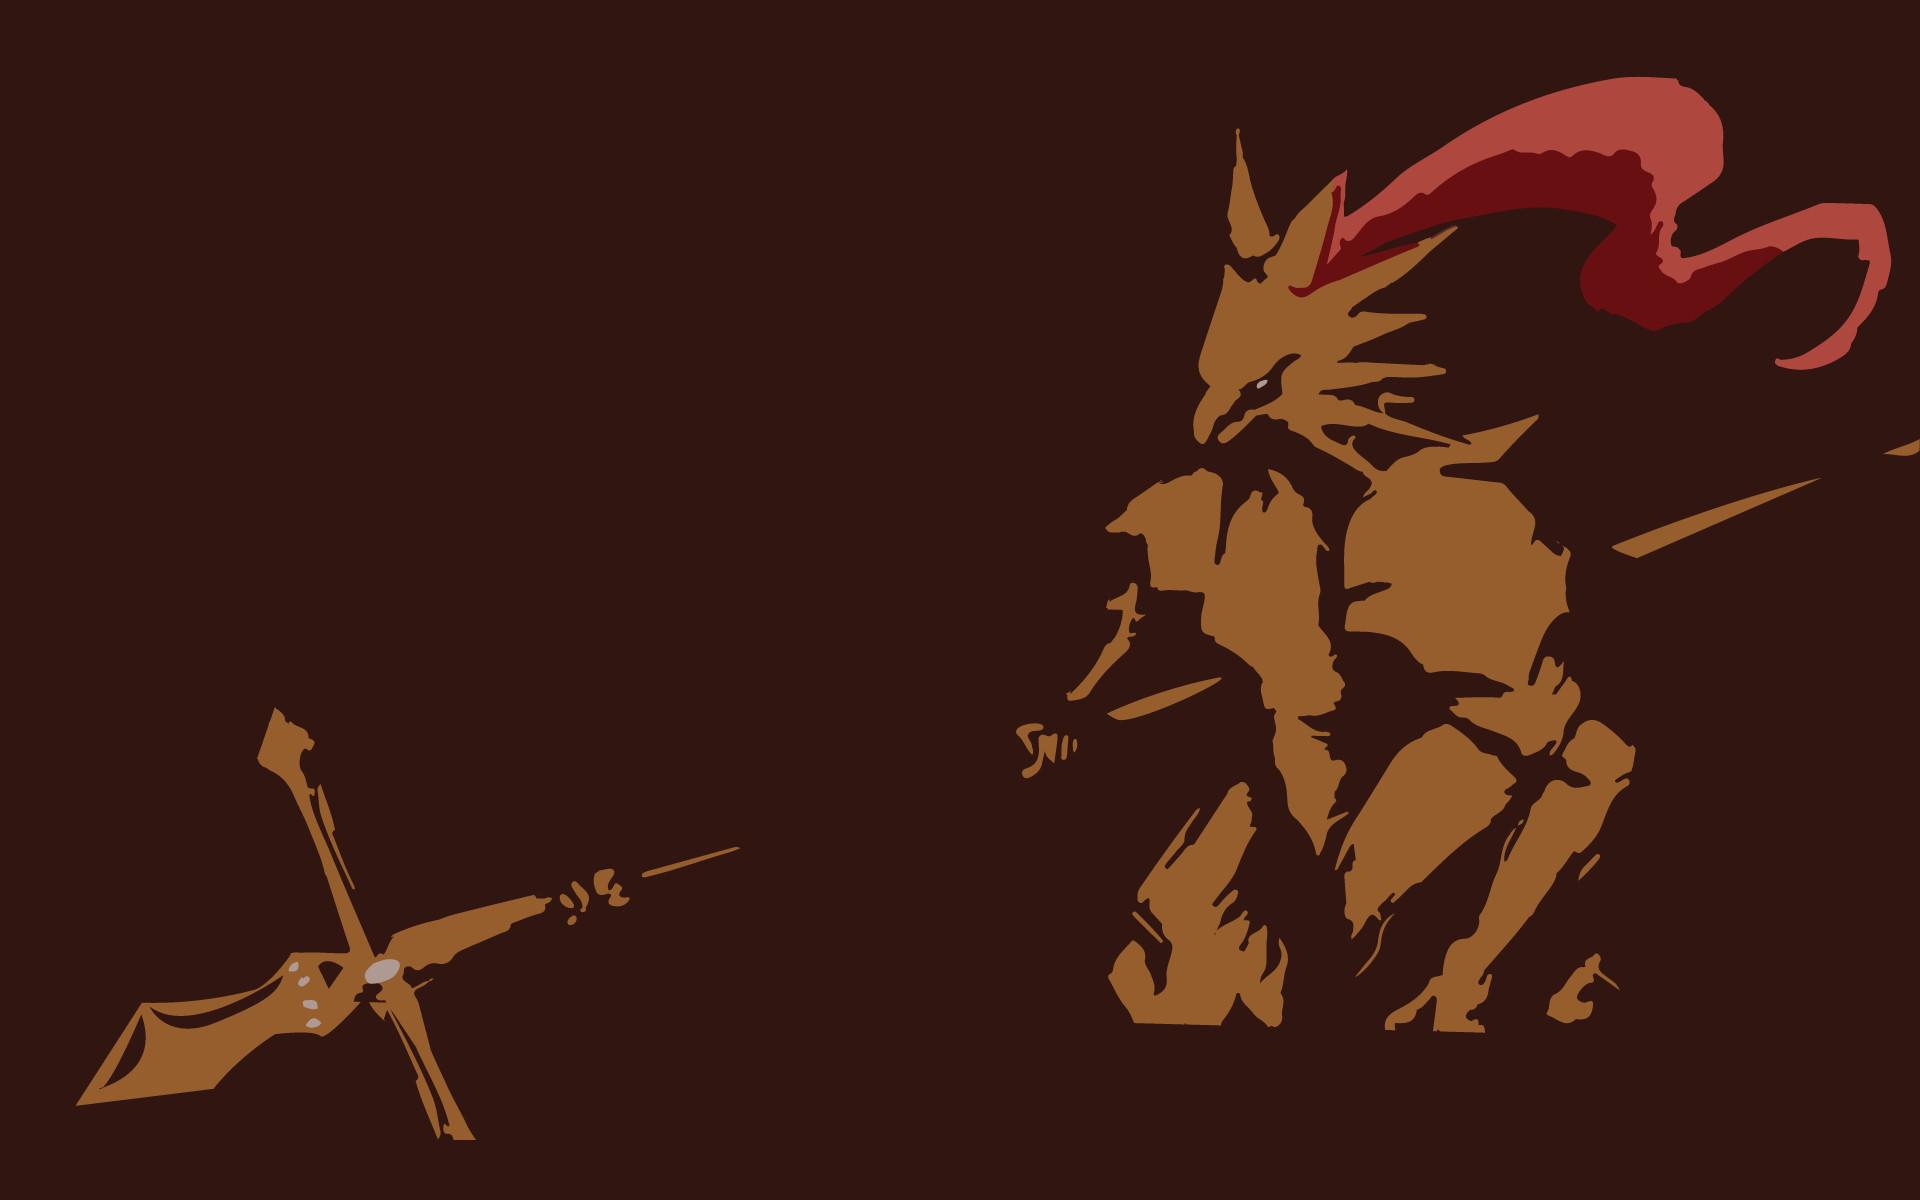 Dark Souls Ornstein images